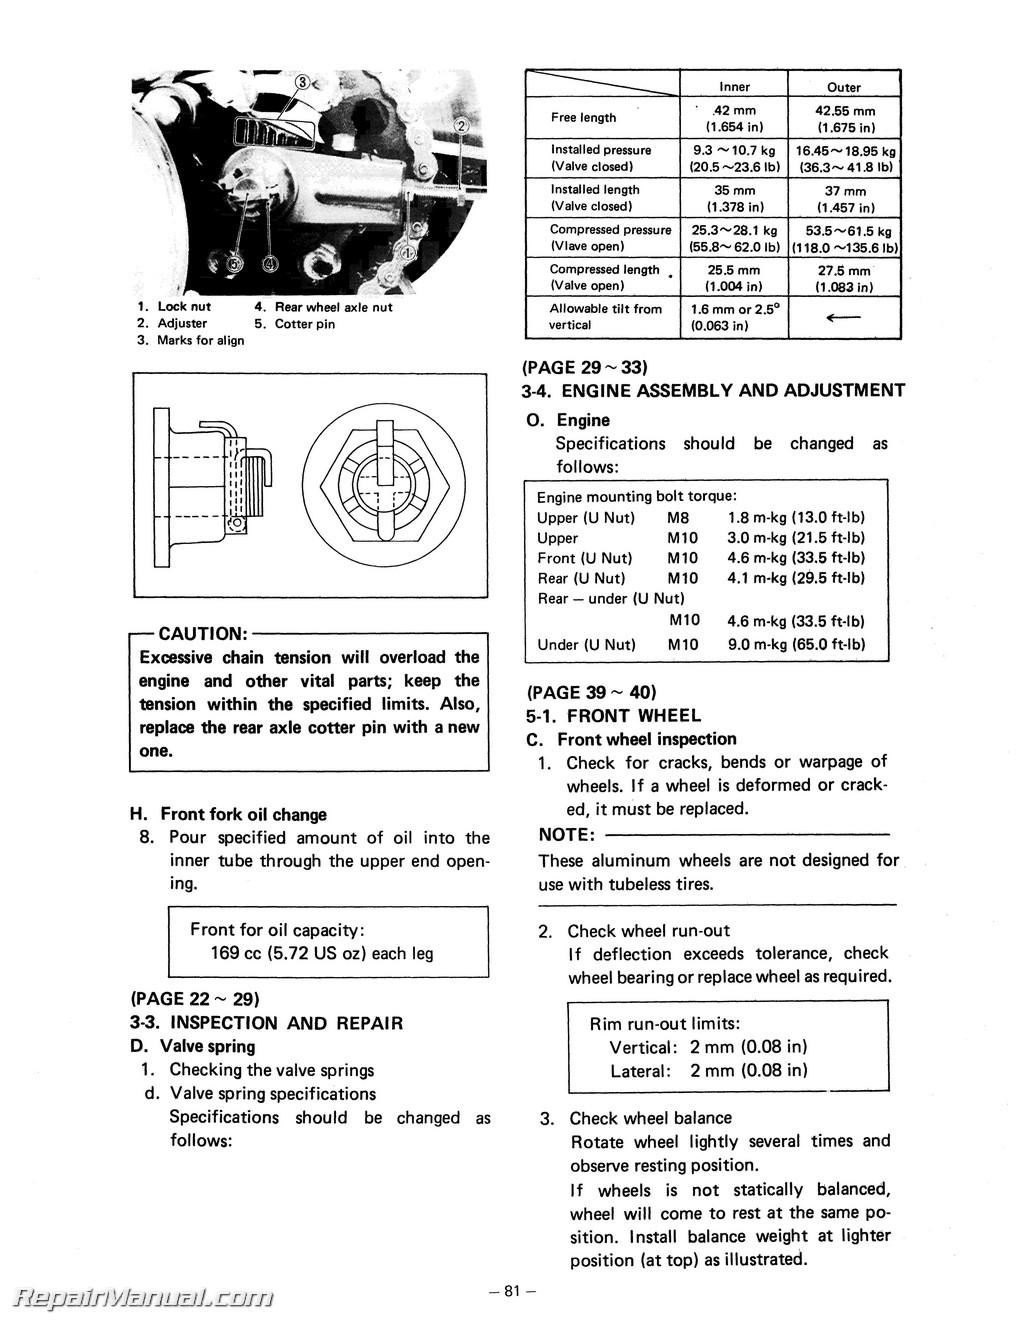 Motorcycle Engine Maintenance